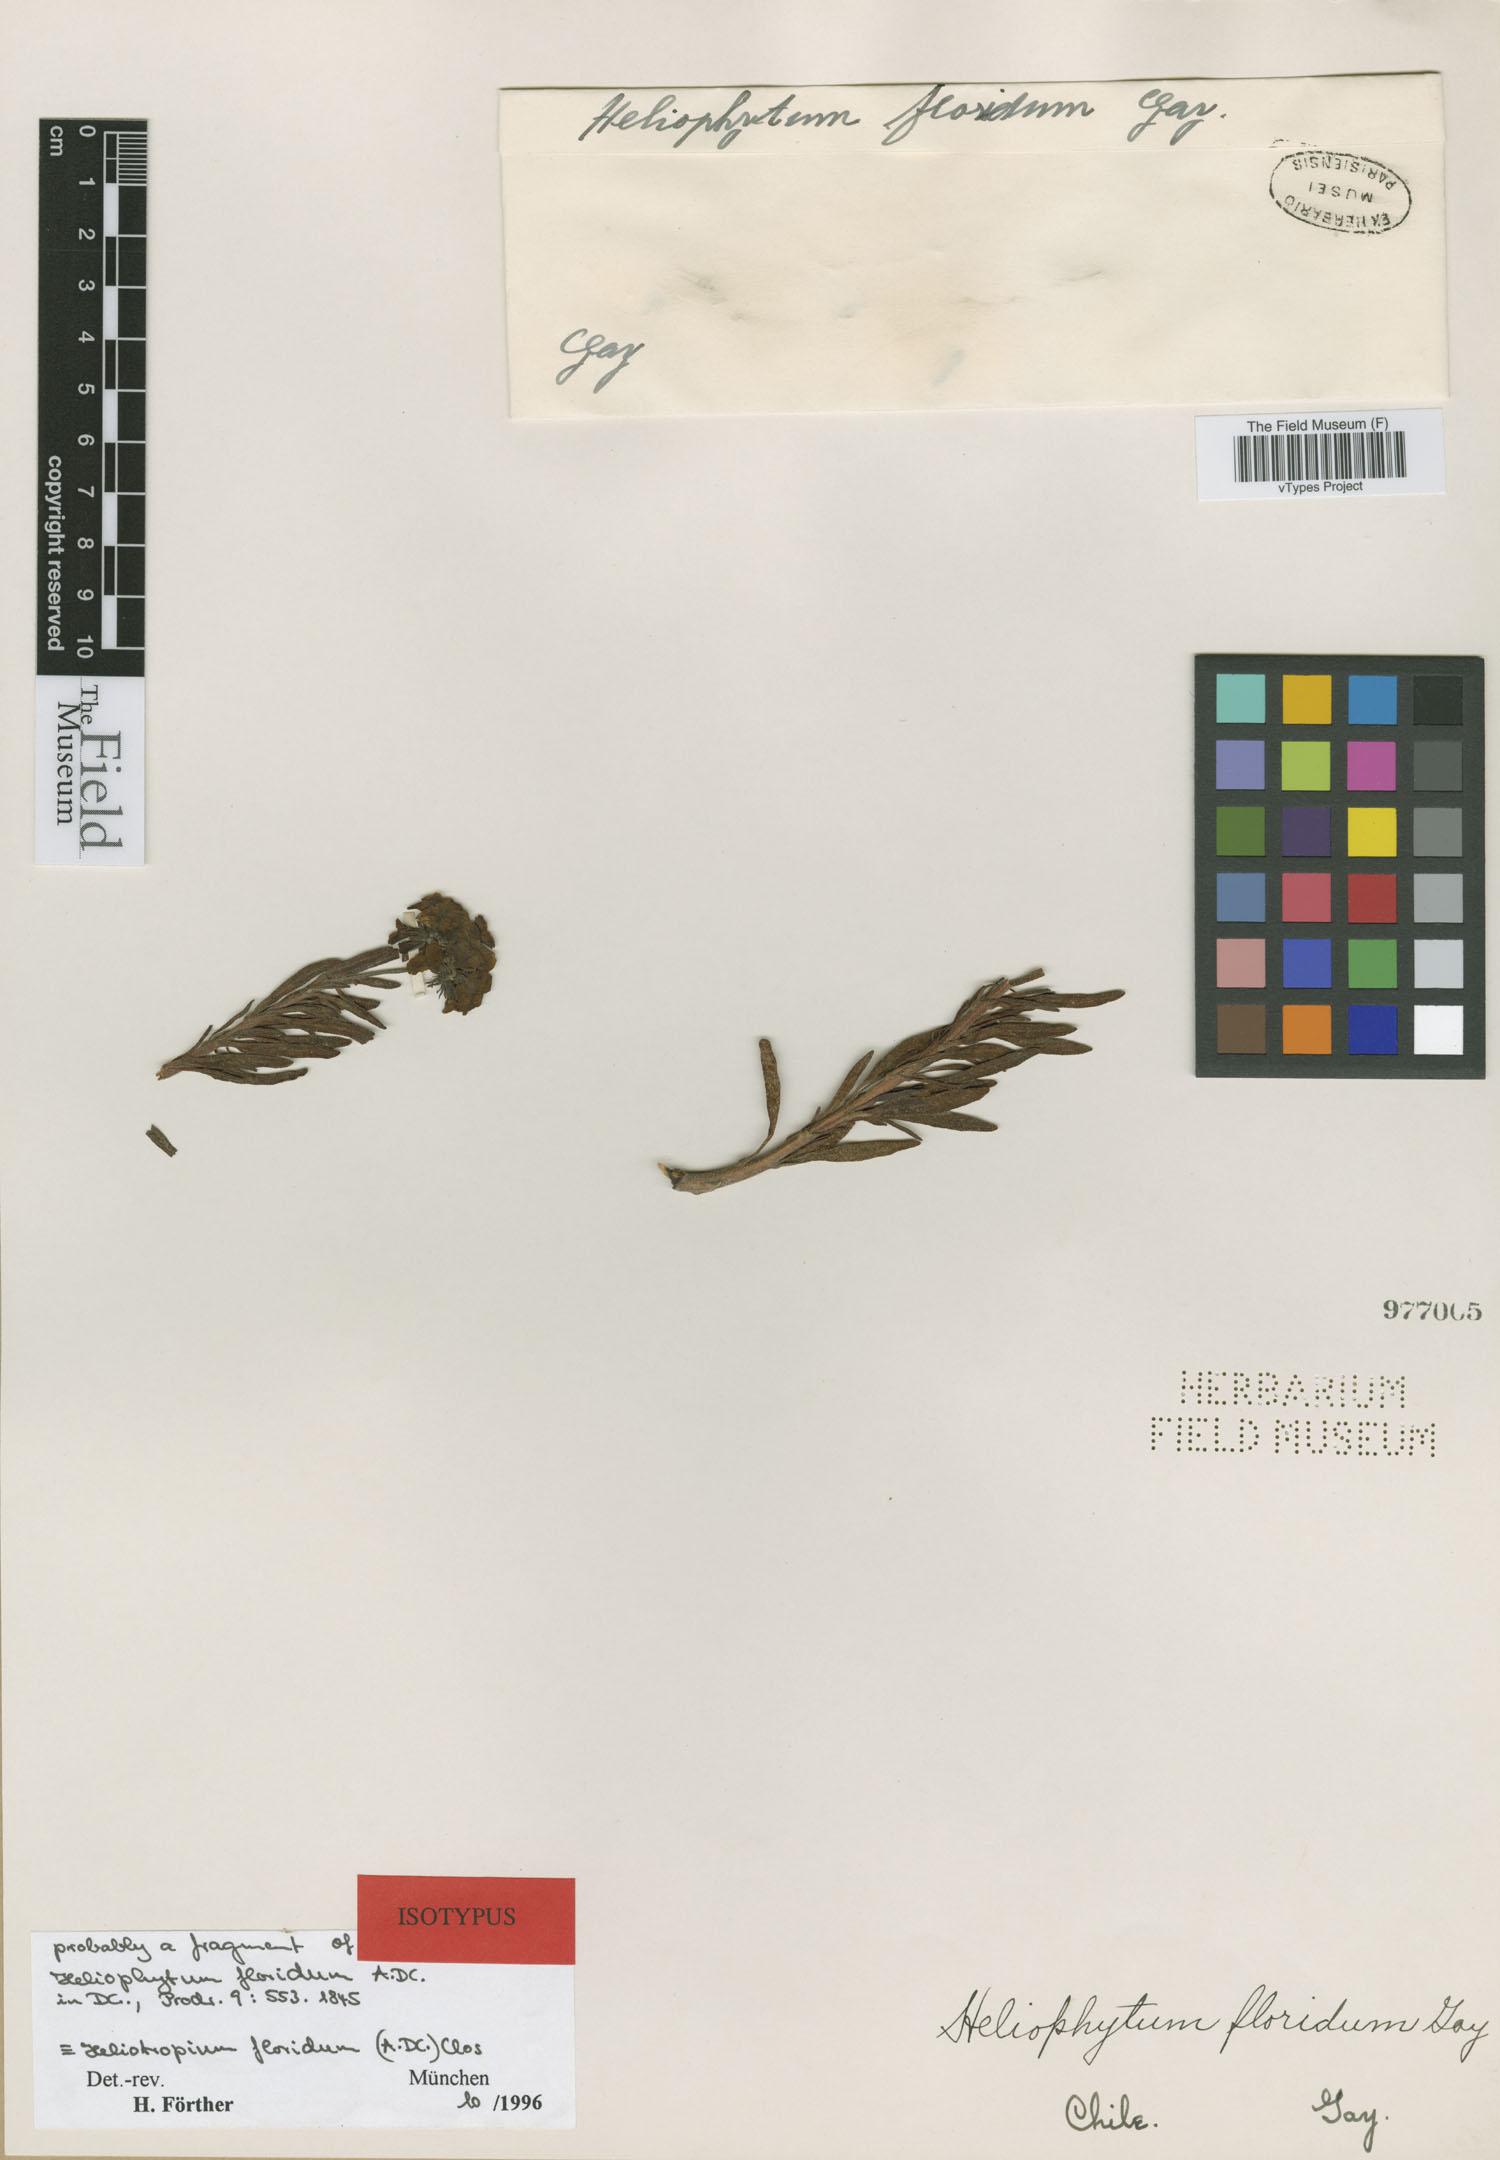 Heliophytum image